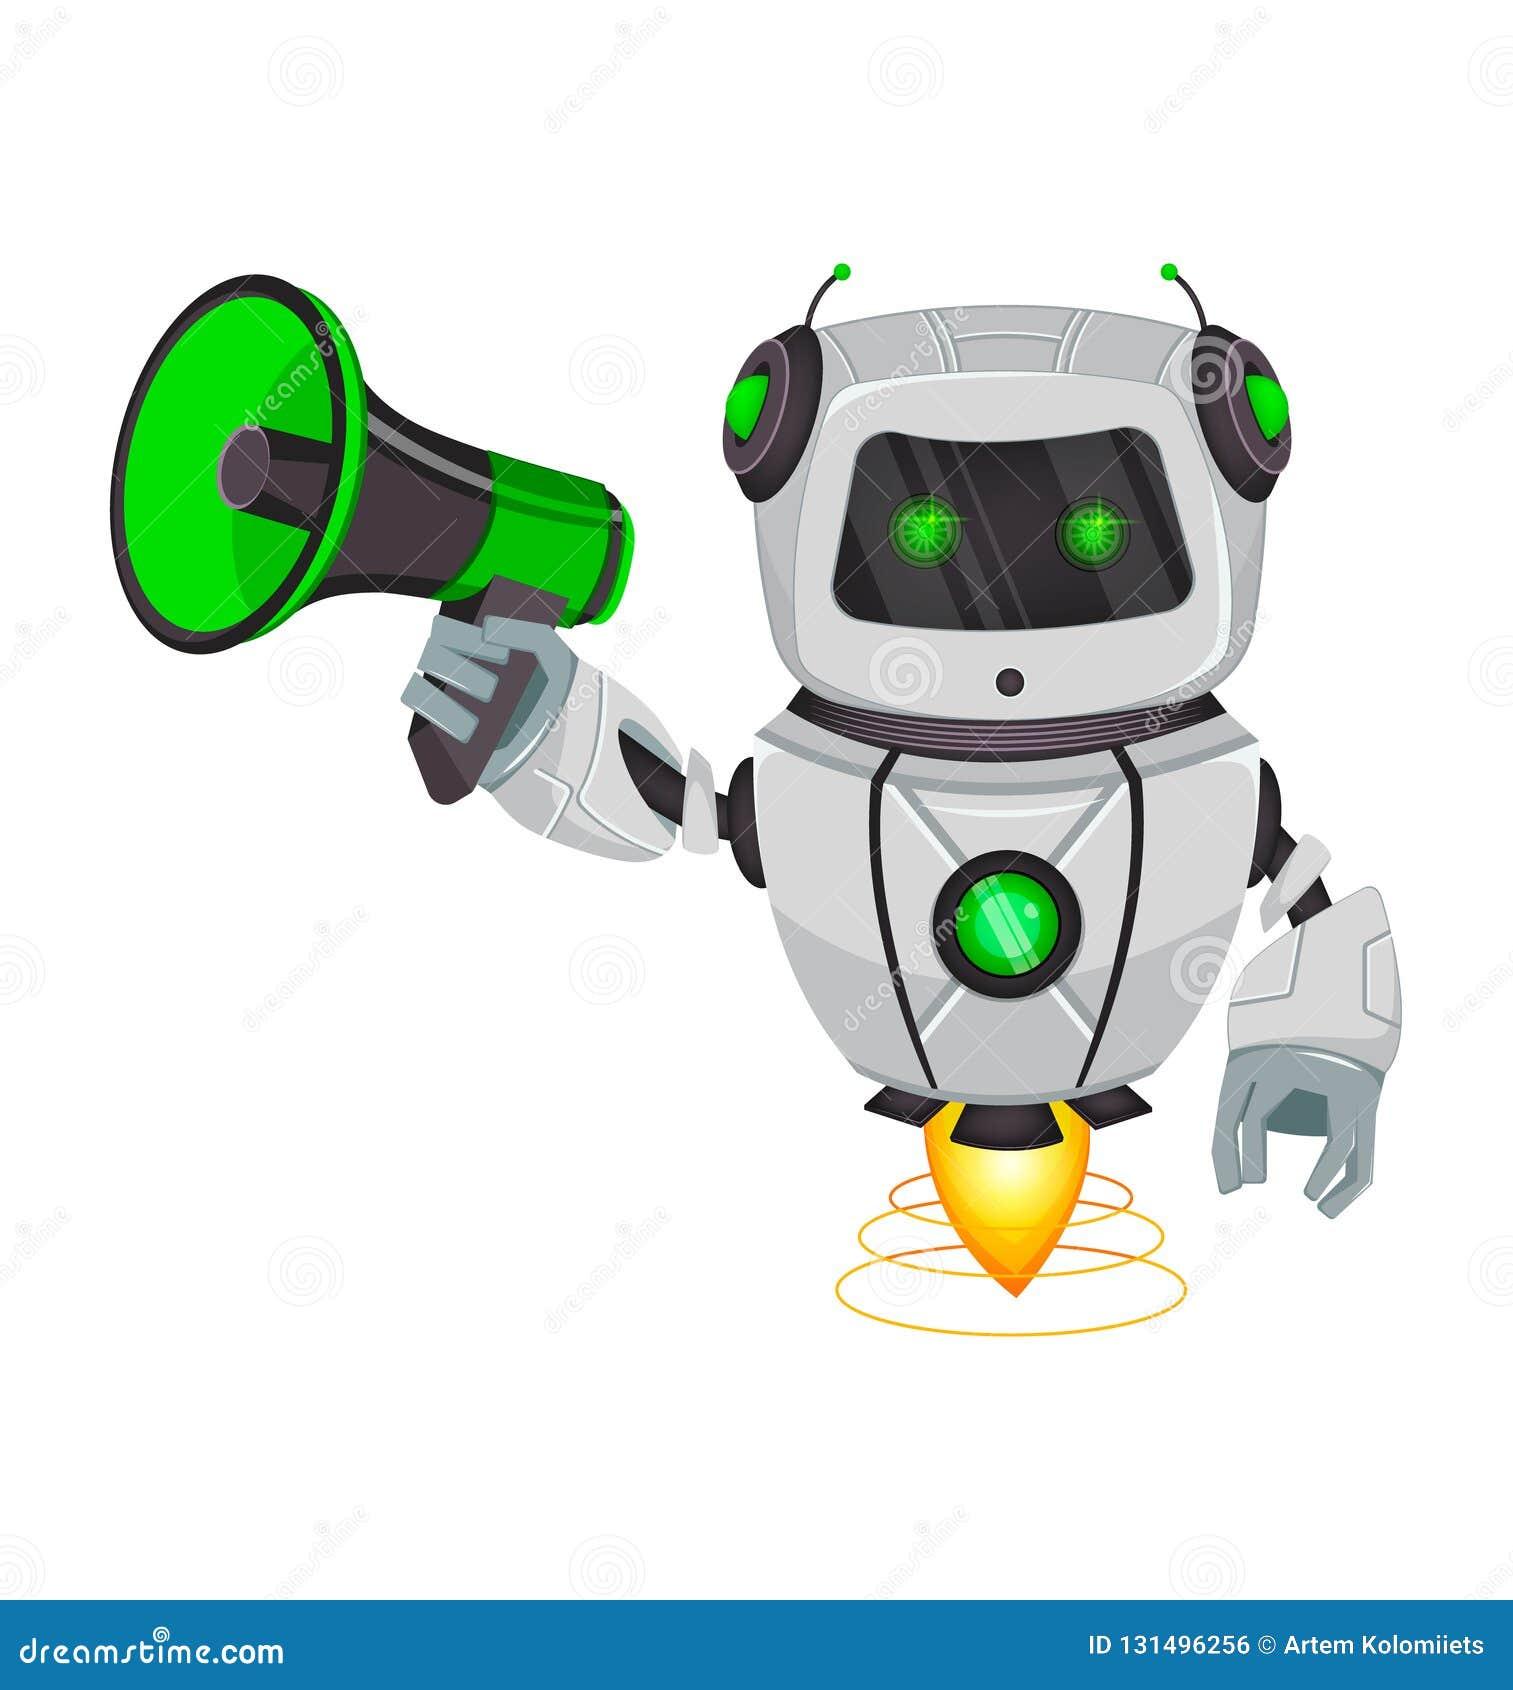 Robot met kunstmatige intelligentie, bot Het grappige beeldverhaalkarakter houdt luidspreker Humanoid cybernetisch organisme Toek